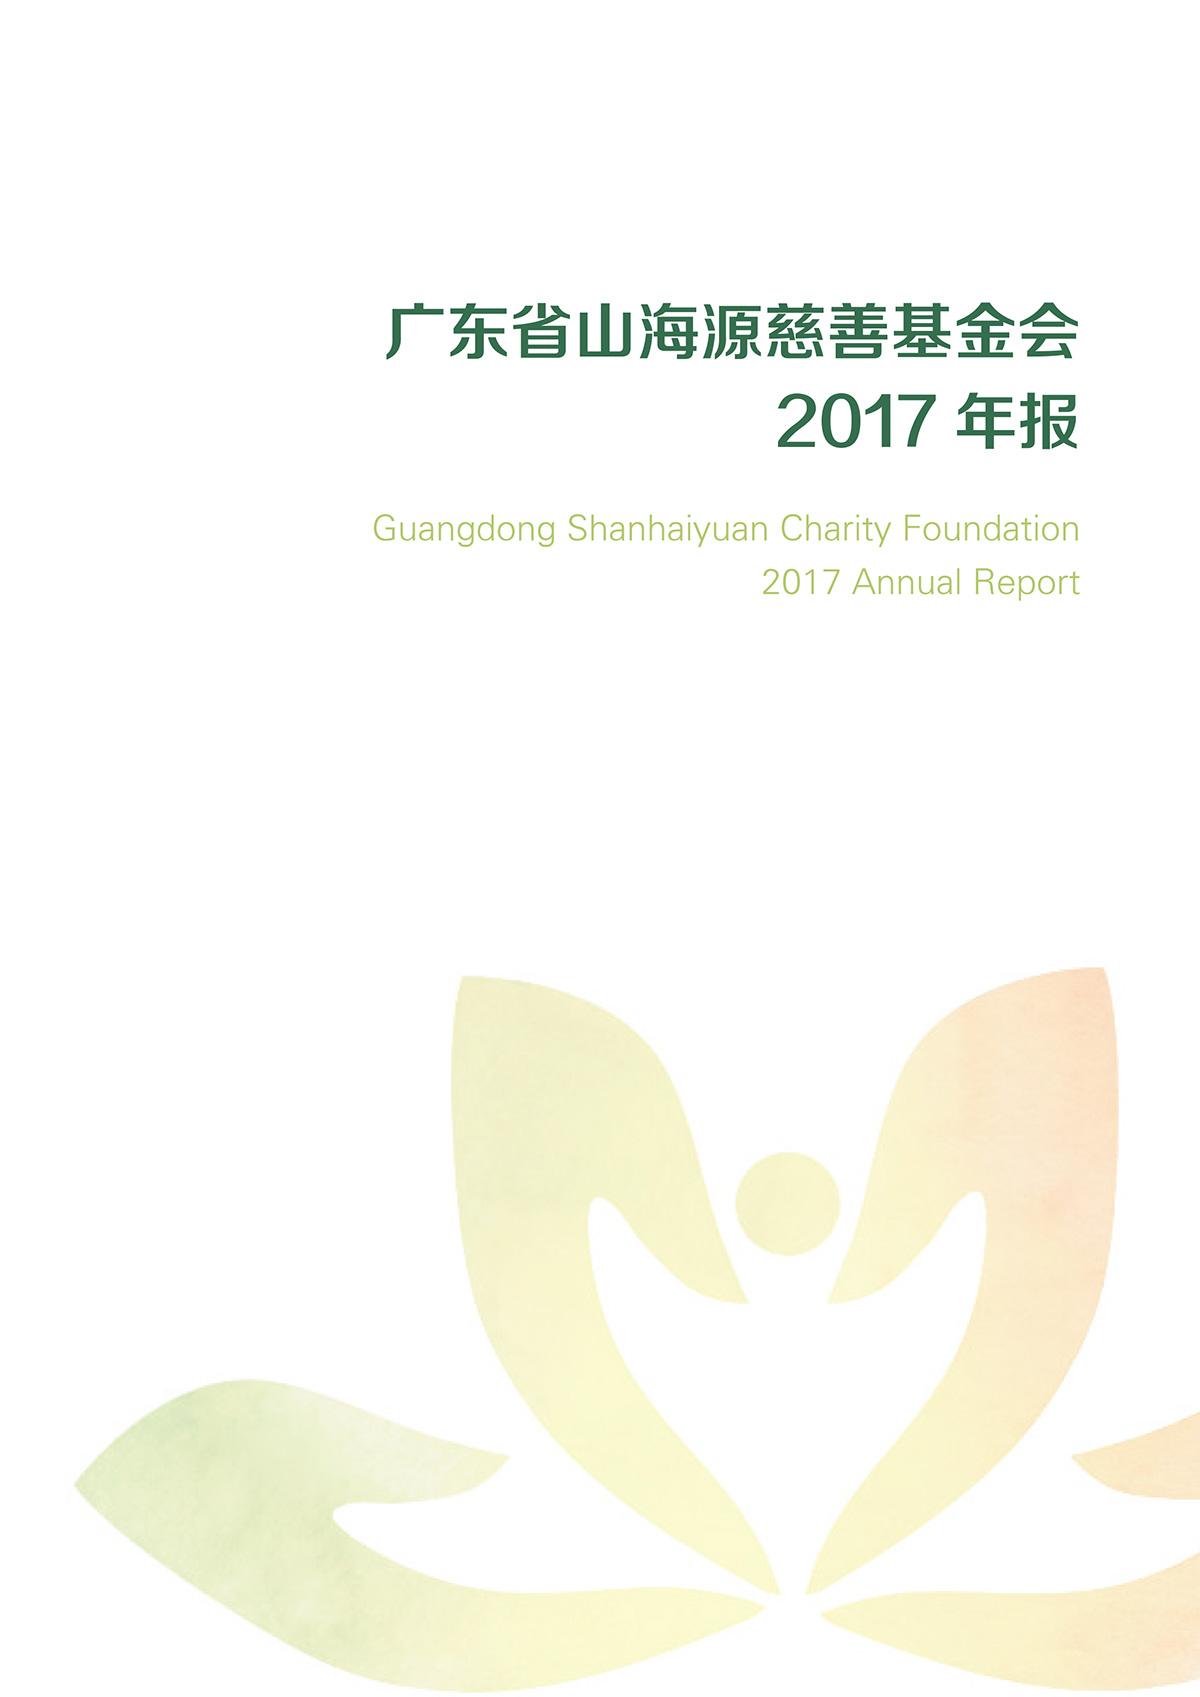 山海源慈善基金会2017年年报下载